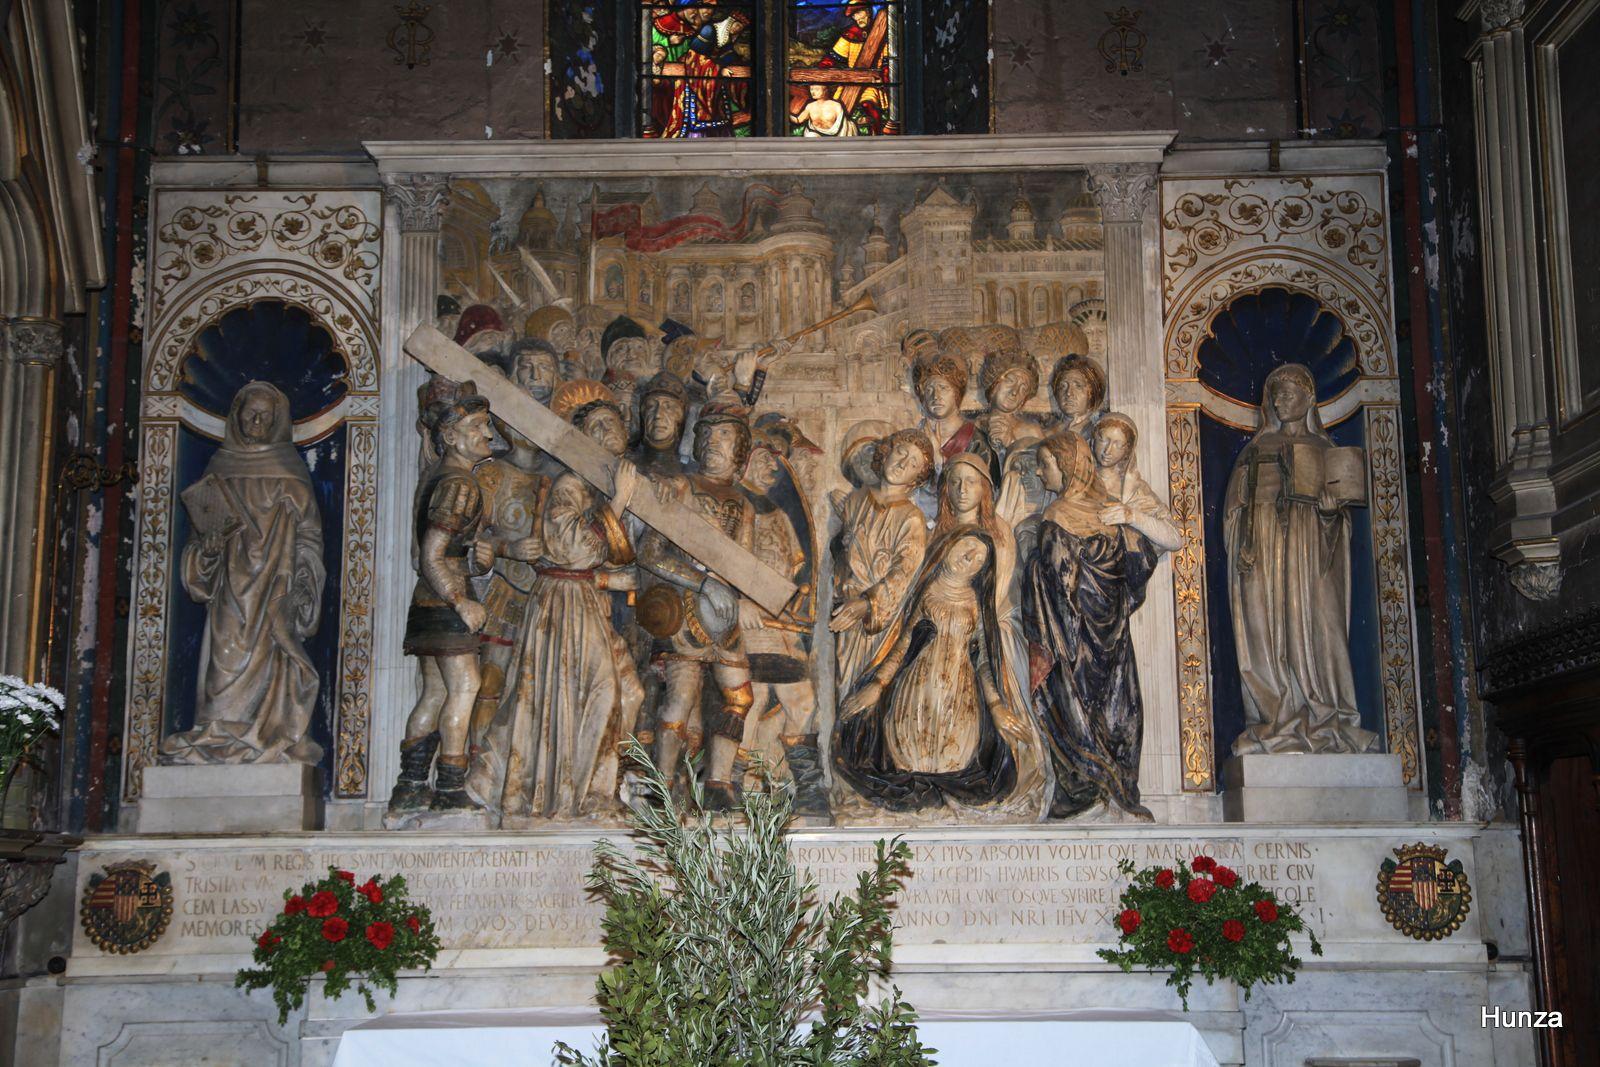 Retable de Francesco Laurana réalisé en 1476 pour le roi René d'Anjou, dernier comte de Provence.